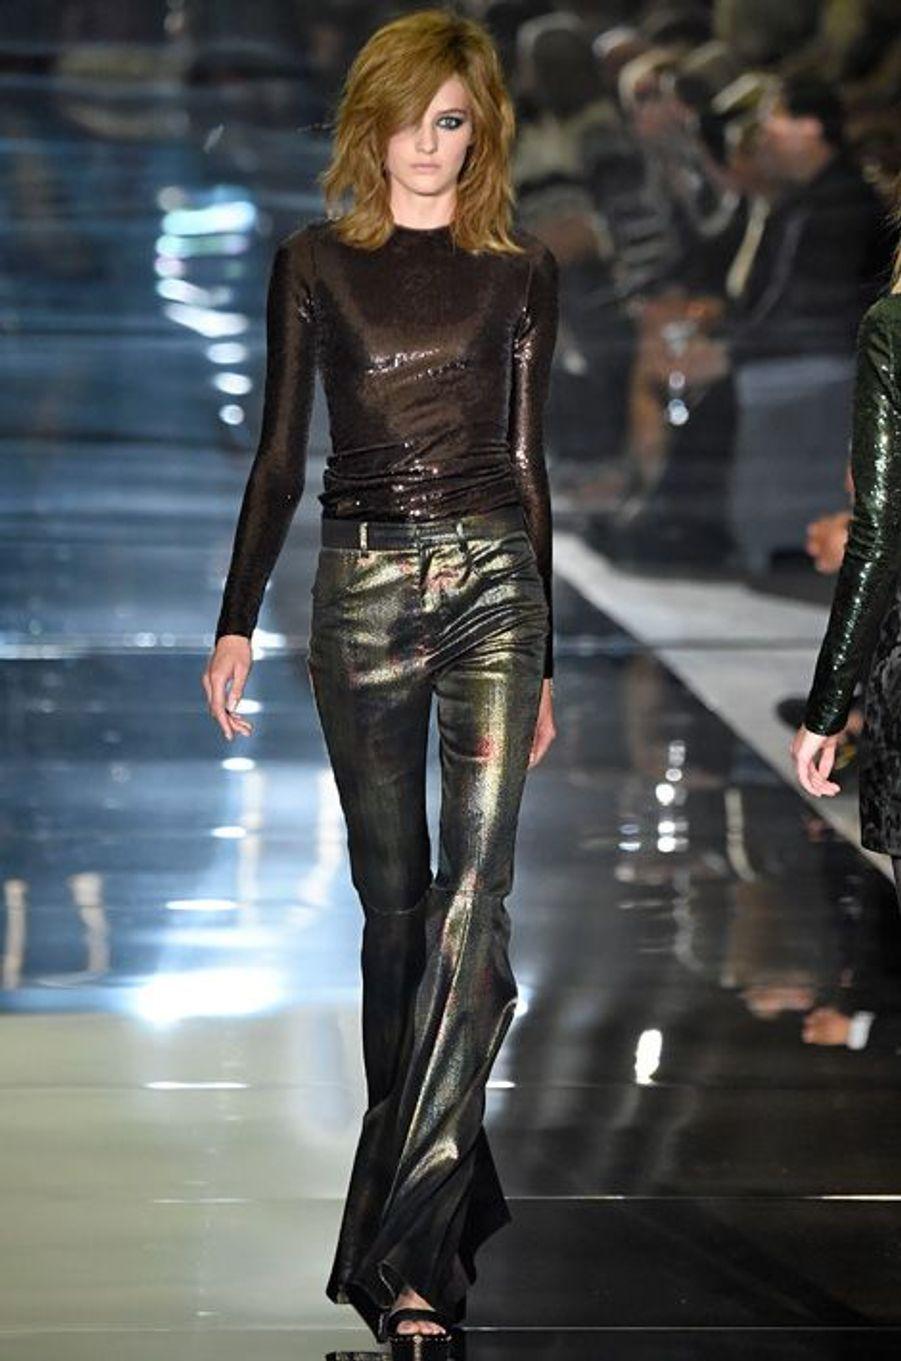 Le gold, ABBA et la fièvre samedi soir, sont le triptyque gagnant de ce premier style 70's. Il est fortement caractérisé par le patte d'éléphant, les teintes pailletées ainsi que les couleurs primaires. Jean Paul Gaultier, Tom Ford et Armani Privé surfent -pour l'été 2015- sur l'esprit boule à facettes avec des vêtements habillés de lumières. Balmain rend hommage aux Drôles de dames et au pantalon large, mais le rehausse de fines rayures multicolores. Dior nous livre quant à lui, une version éclectique de la tendance en oscillant entre la combinaison scintillante et le look Chapeau melon et bottes de Skaïe.L'astuce pour adopter le look façon 2015, c'est de mixer les pièces fortes avec des pièces plus classiques. Le pantalon pattes d'elph se porte ajusté et sombre comme la mannequin Isabel Goulart. Les couleurs criardes restent au vestiaire ou s'exportent vers le bas de la silhouette - seventies oblige – on mise sur les bottes. L'esprit néo-disco se retrouve aussi dans la Glitter touch. Pour briller d'élégance, on oublie le total style et lui préfère des touches succinctes: minaudières, chaussures, bracelets.